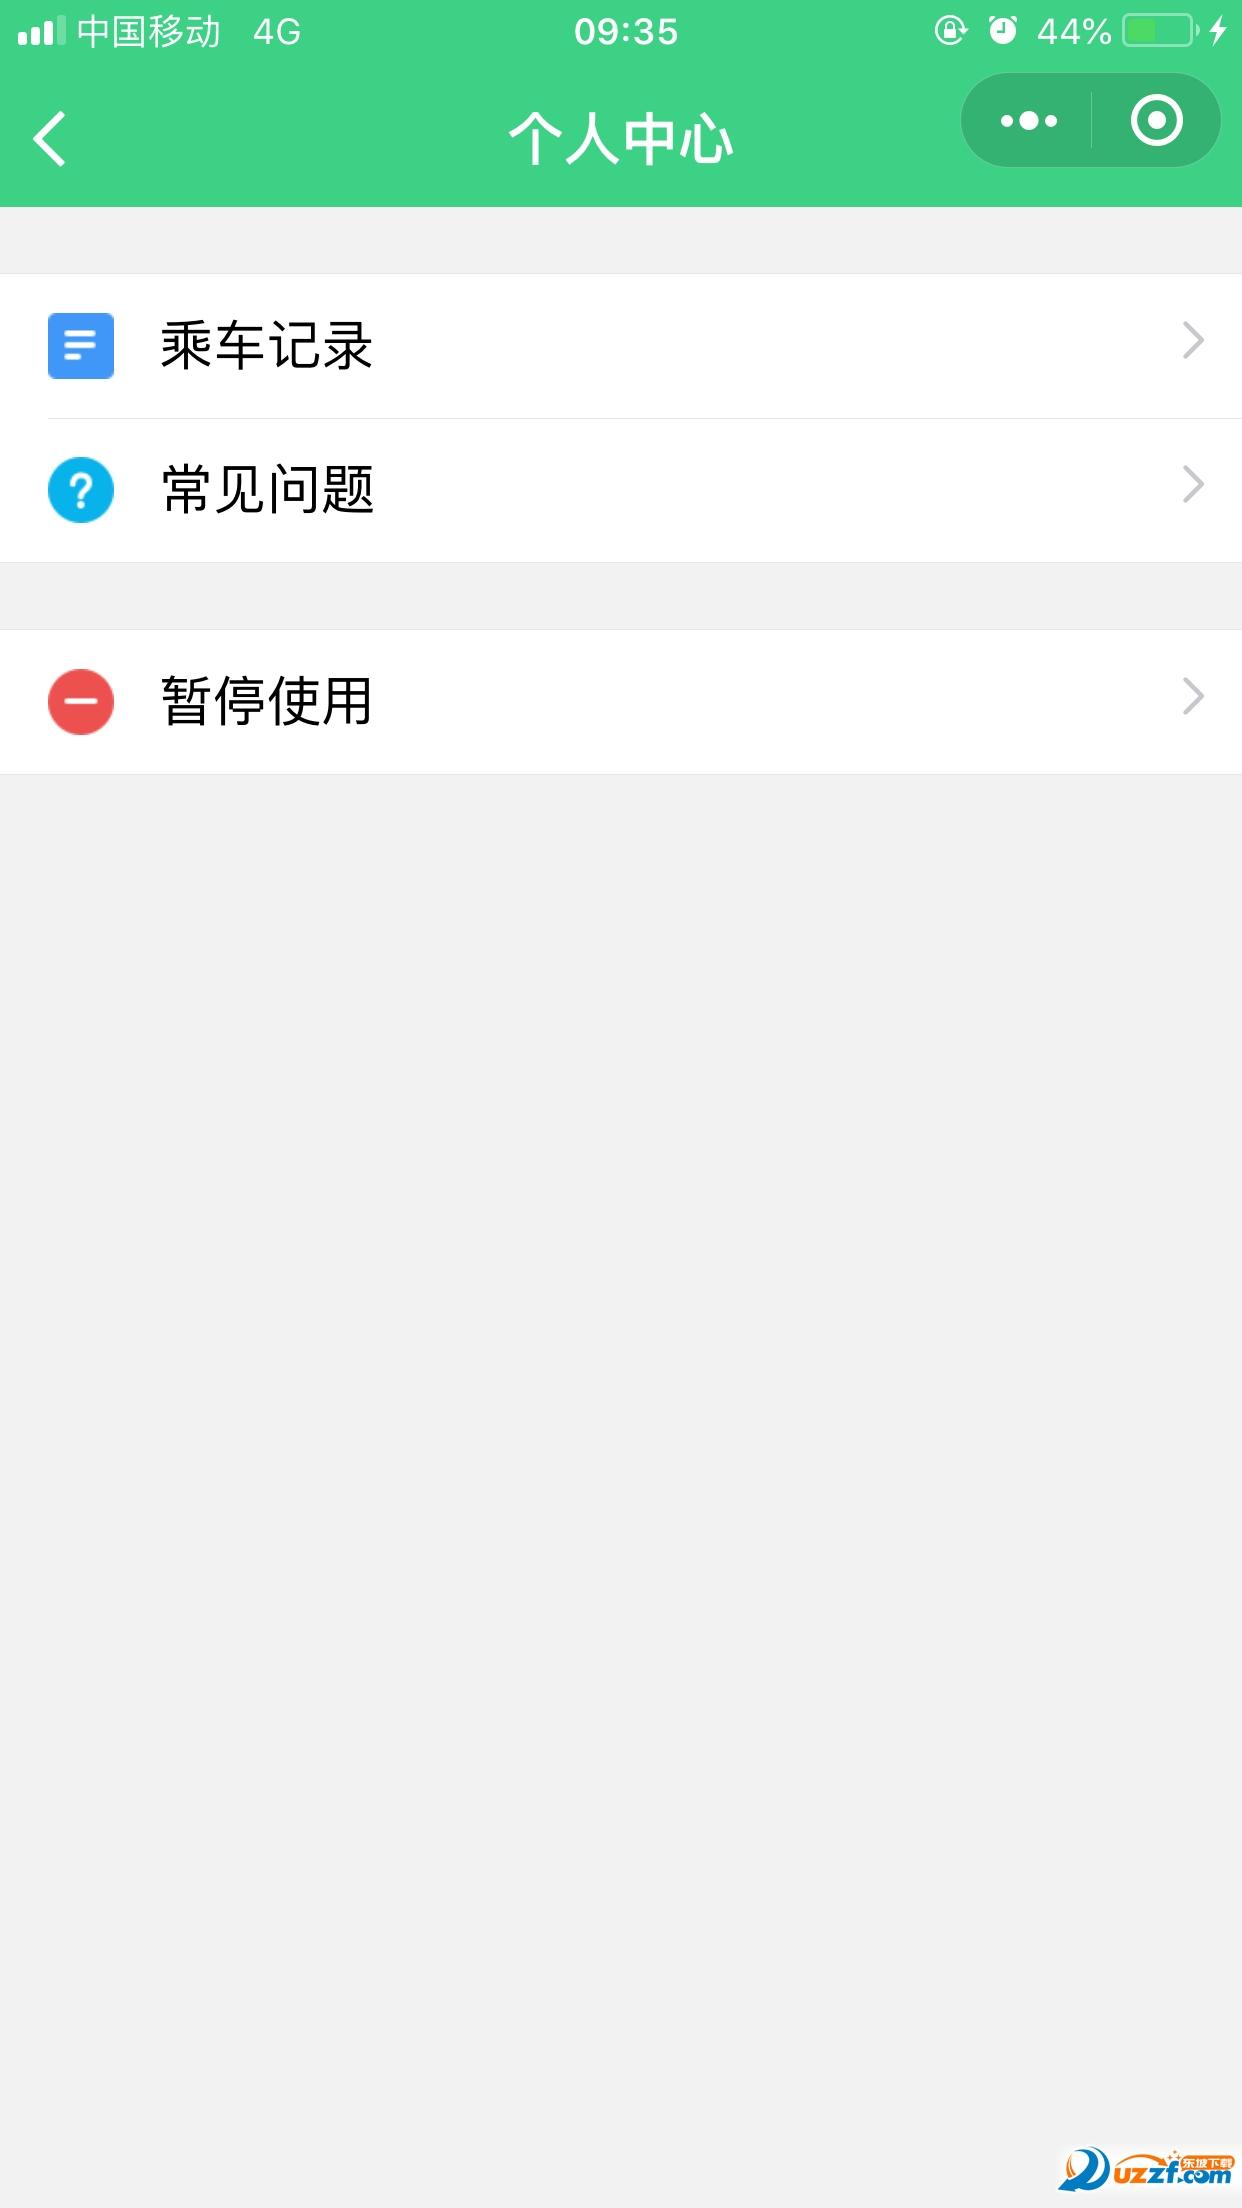 济南公交微信支付软件截图